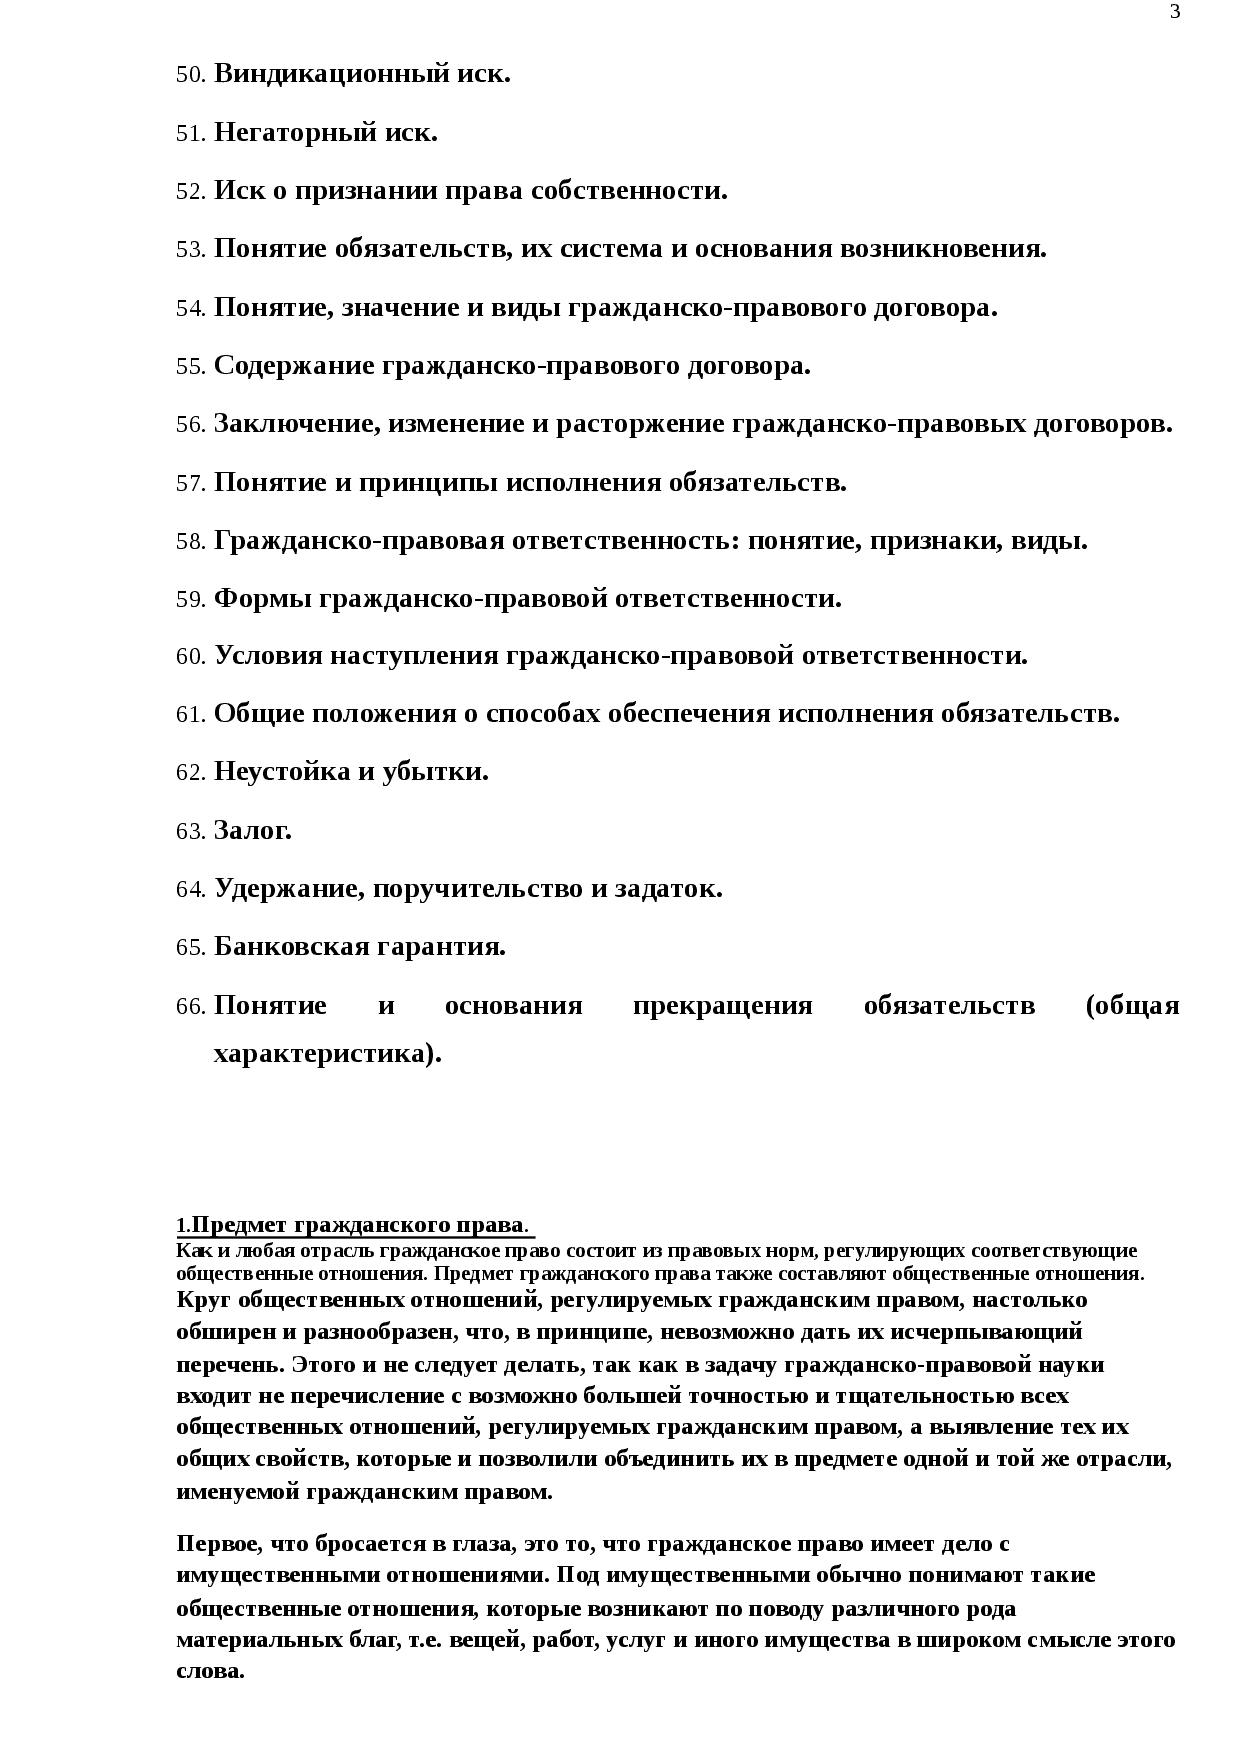 Что такое обязательство